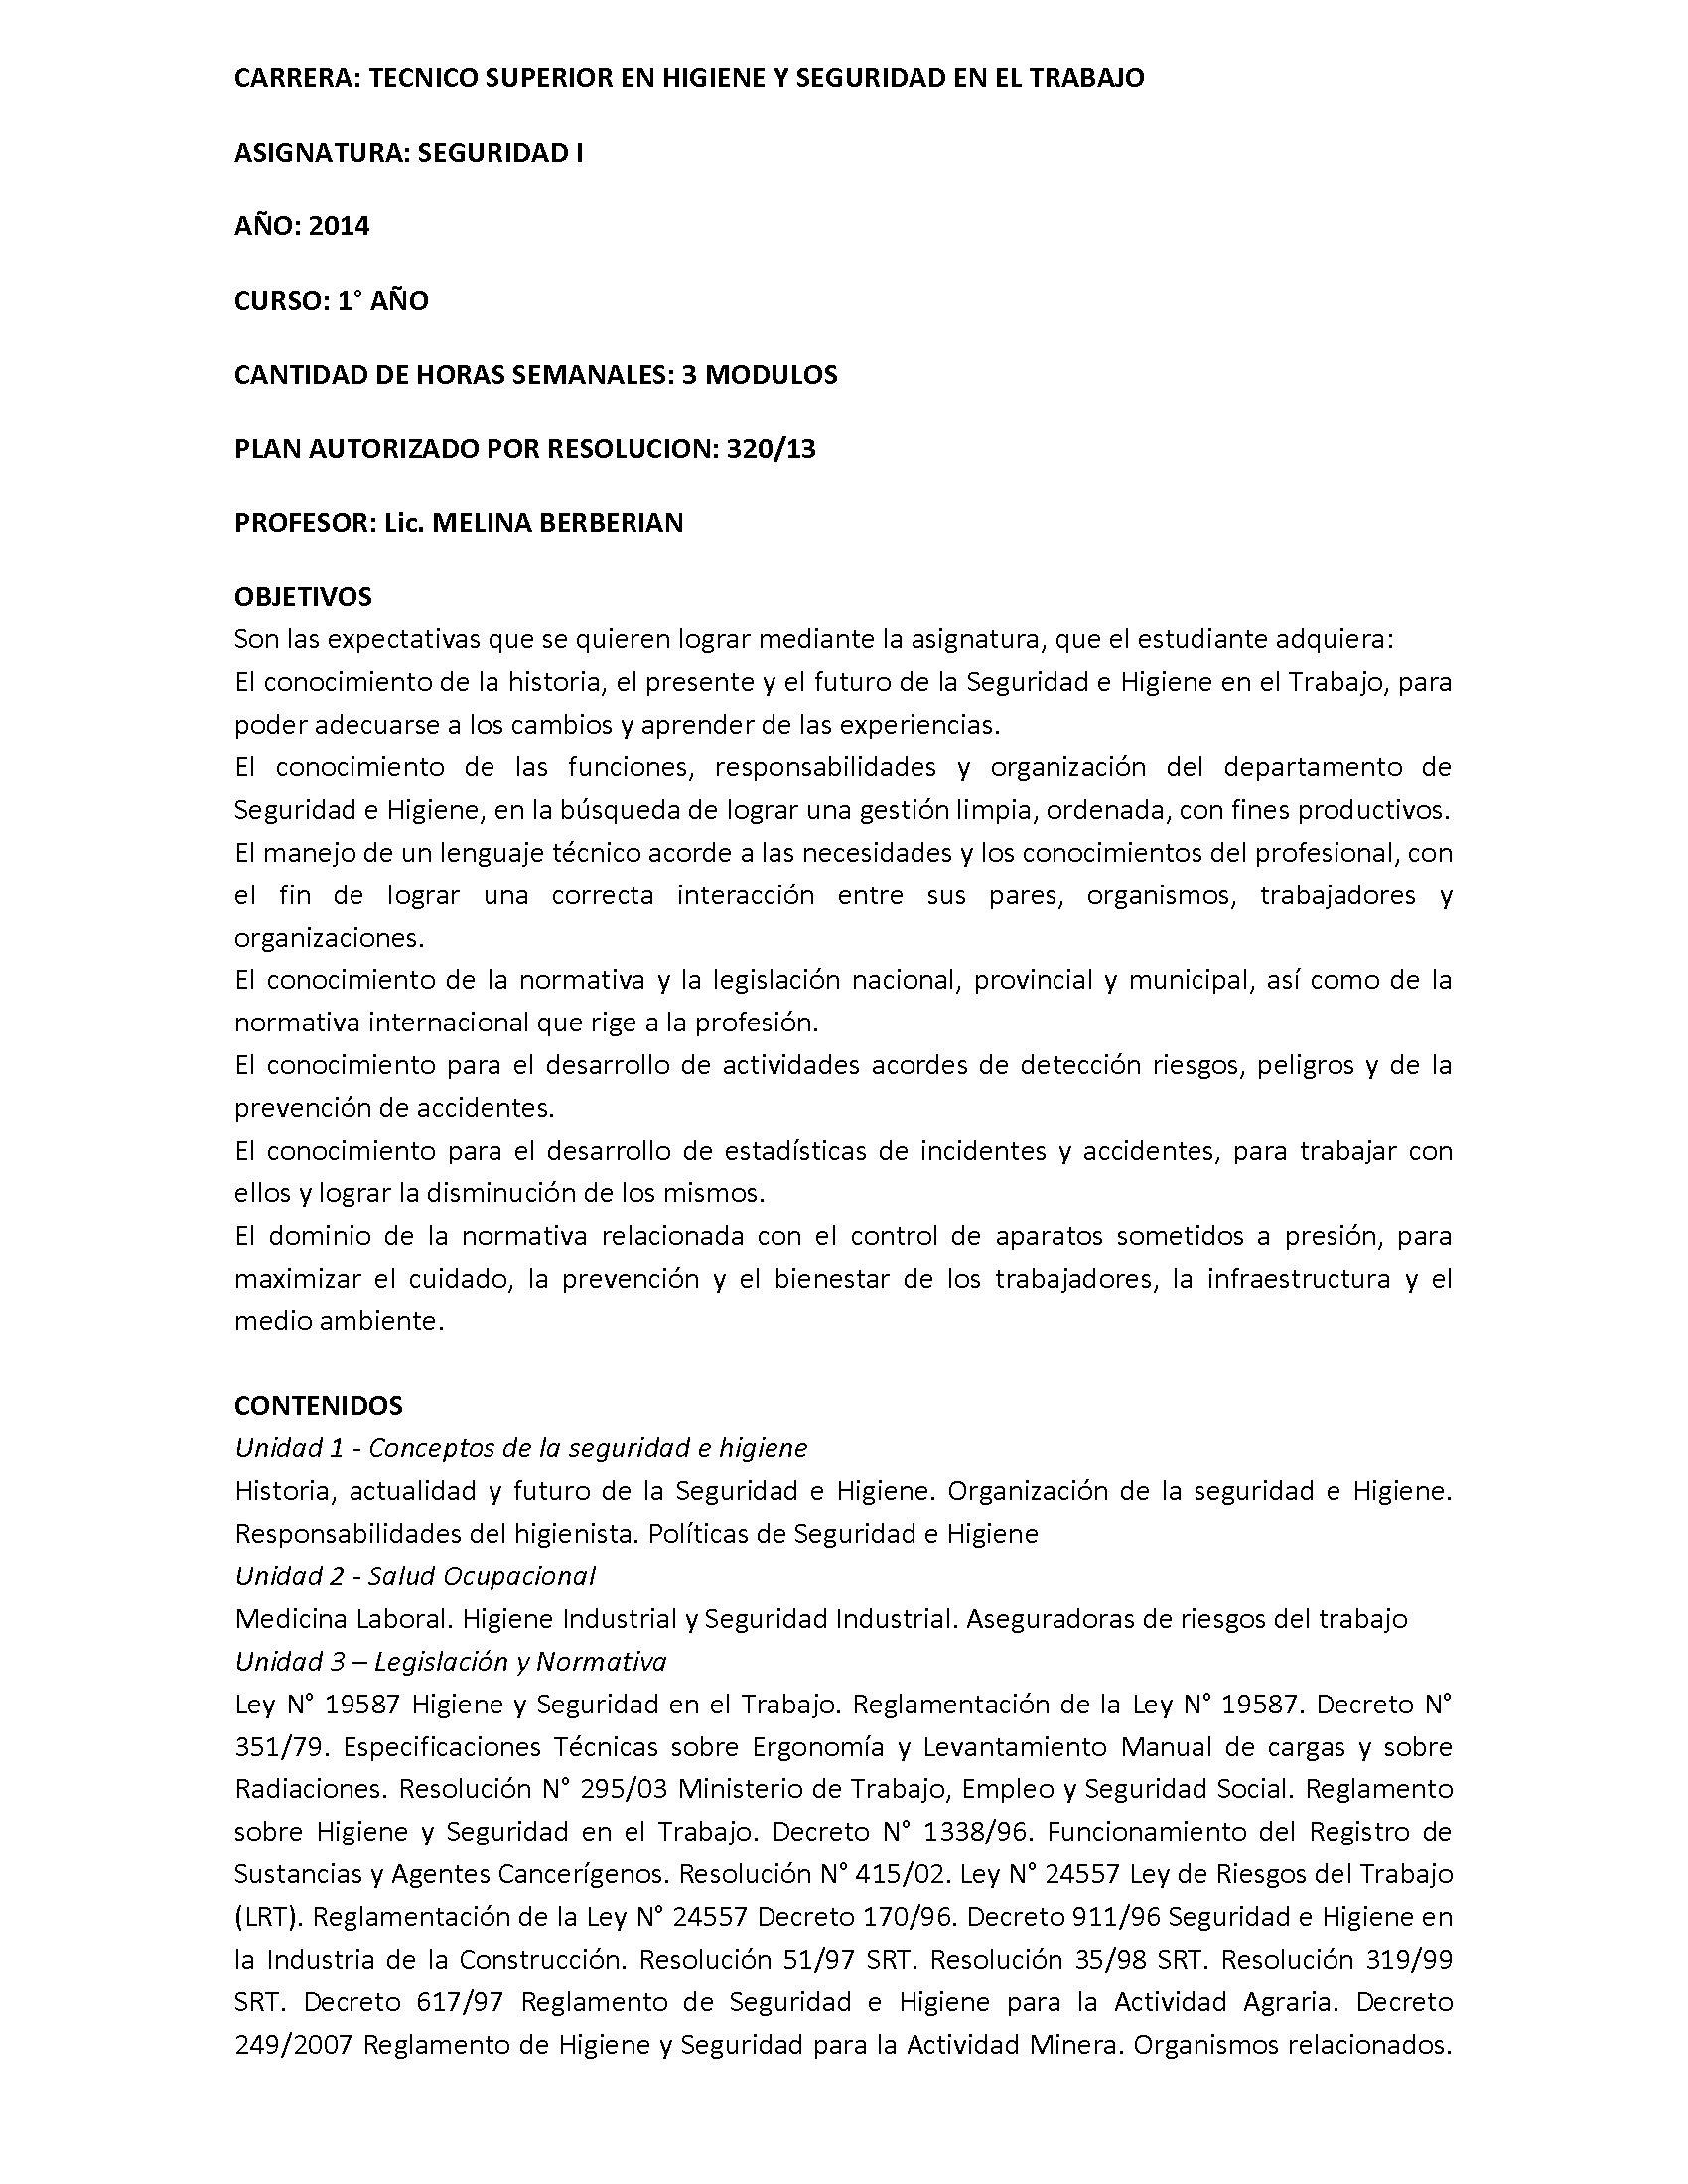 Programa analitico de la asignatura - Seguridad I_Page_1